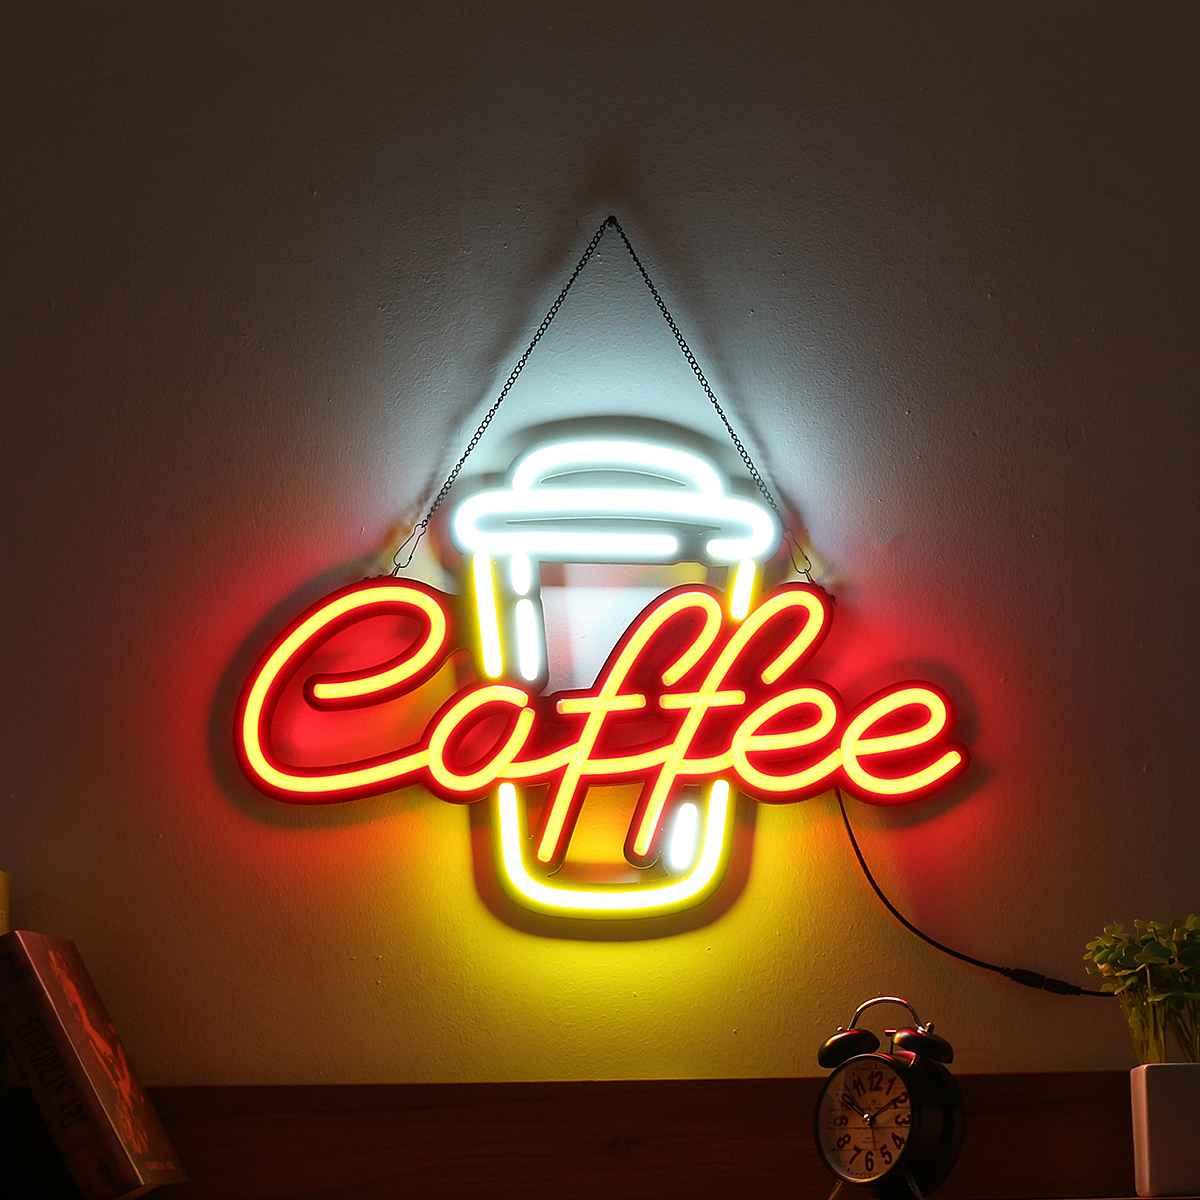 Enseigne au néon lumière LED tube illustration visuelle lampe café Bar Club décoration murale éclairage Commercial néon ampoules luminaire 60*40*3cm